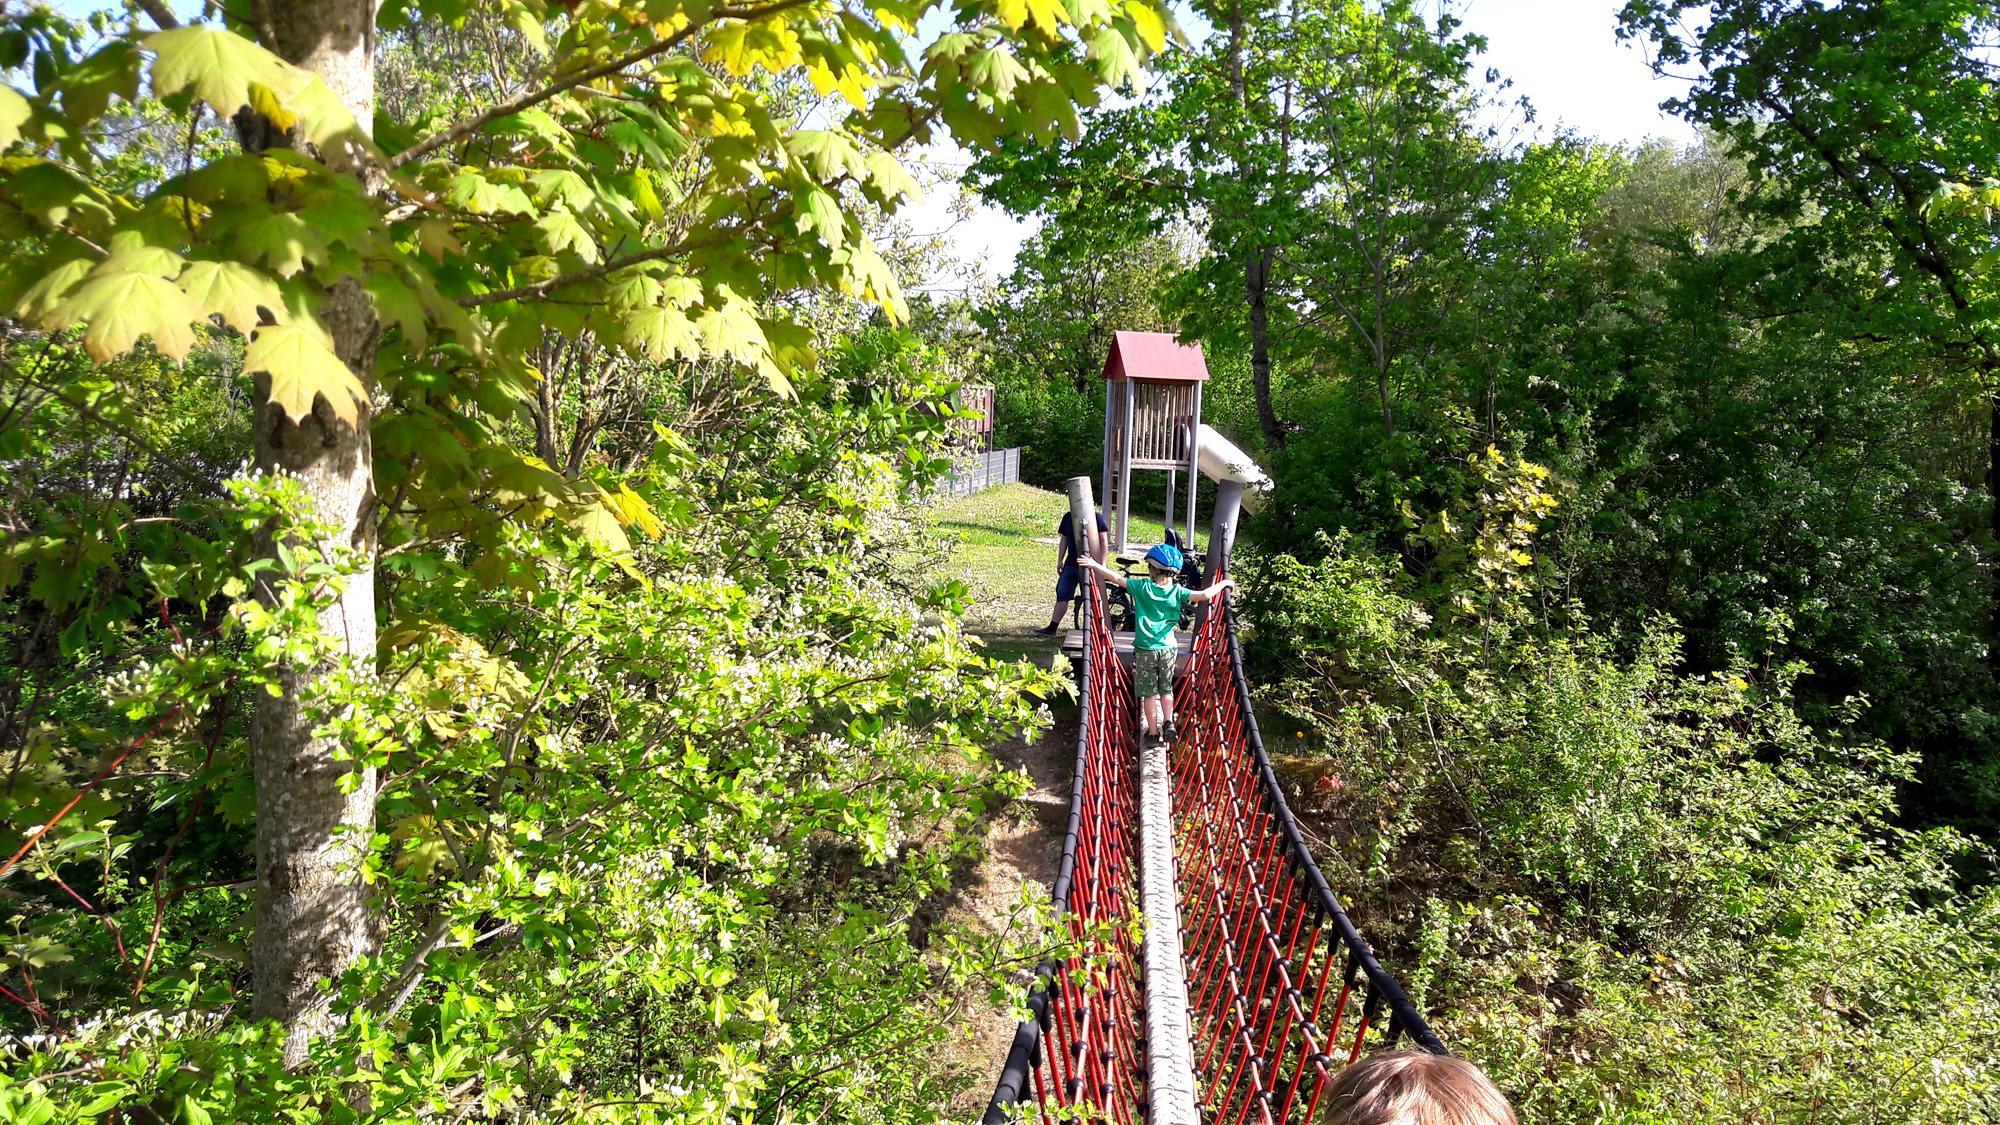 Klettergerüst Hängebrücke : Skatepark und spielplatz mit hängebrücke in poing ich spring im